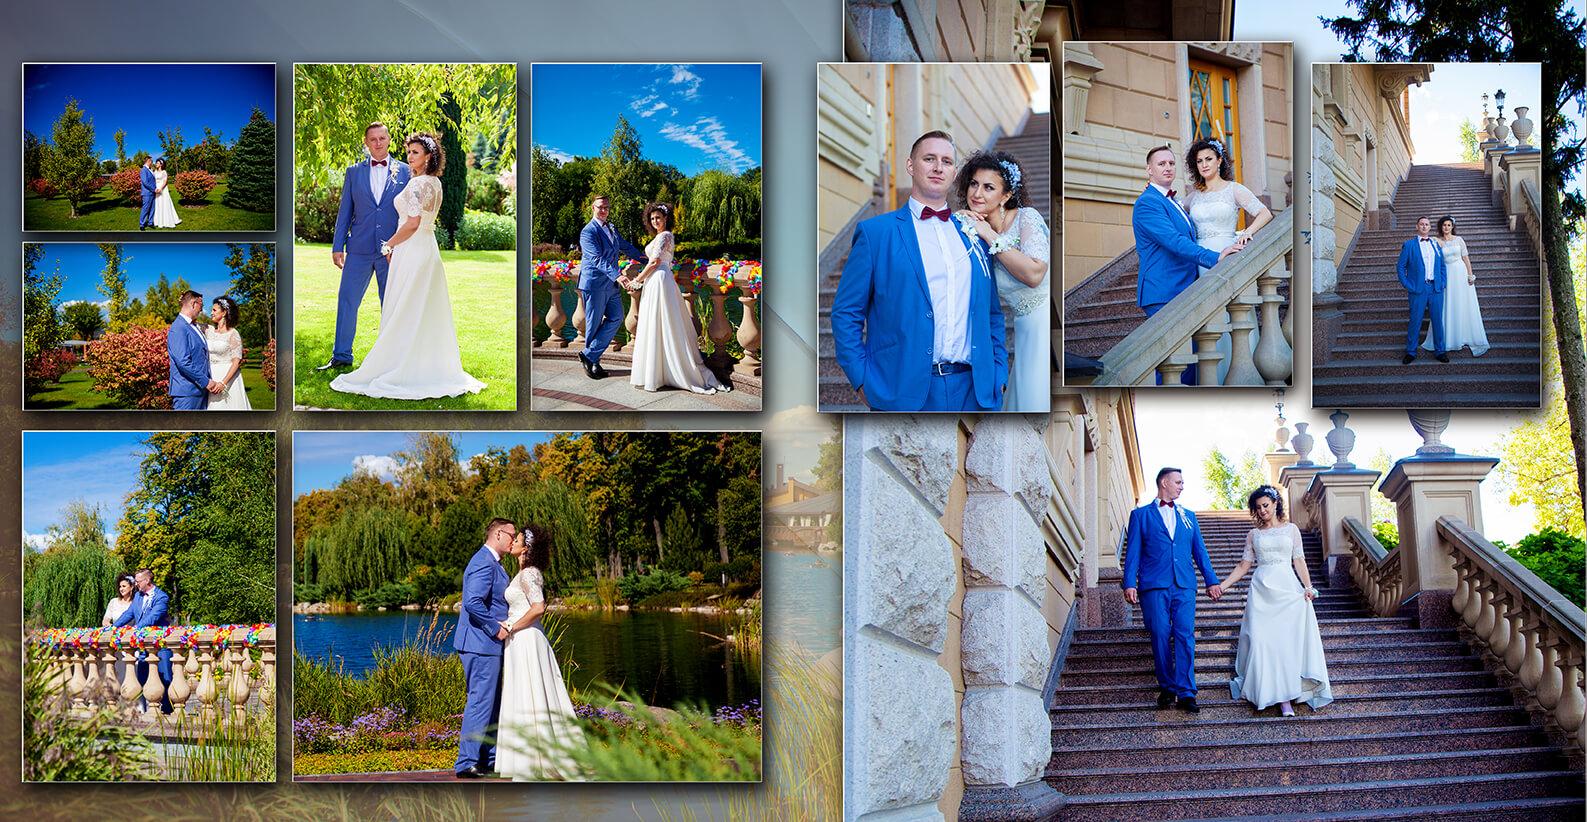 svadebnaja-fotokniga-albom-zakazat-fotograf-kiev-primery-6